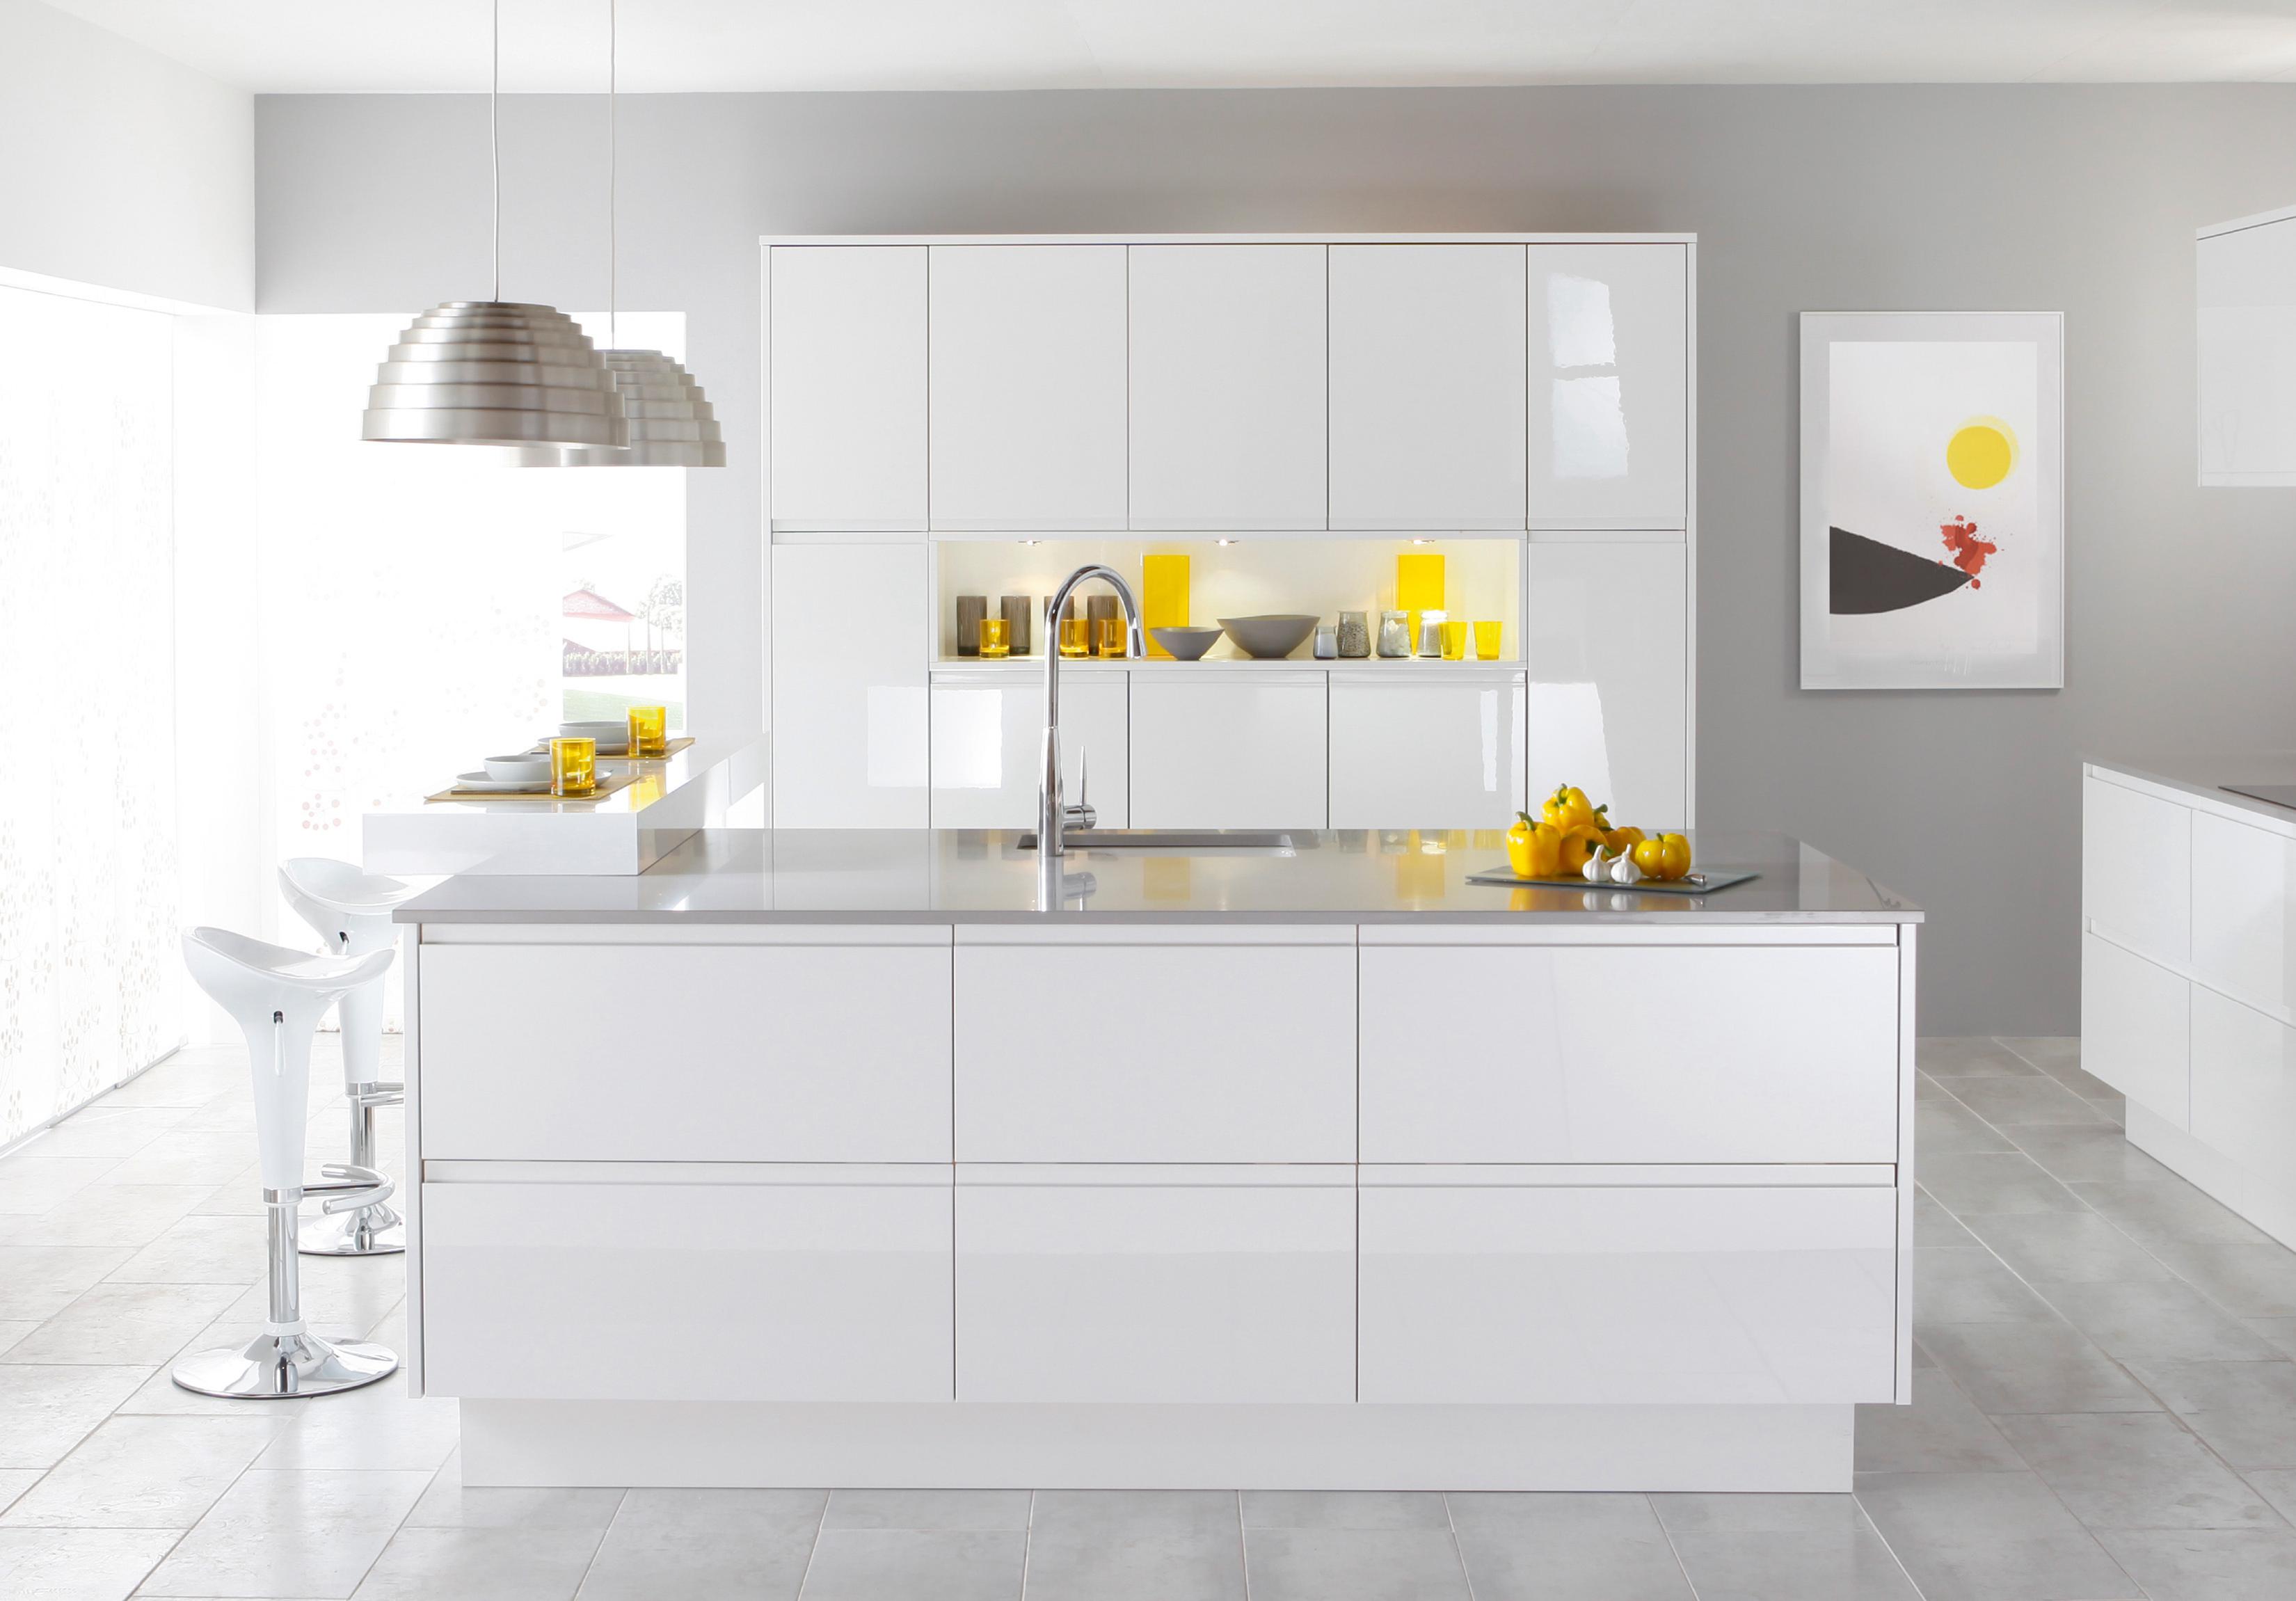 Te gusta esta idea, ¿verdad? Sabemos lo que prefieres y te guiamos para que escojas materiales de la mejor calidad. Madecentro ¡construye tu espacio, cambia tu mundo!